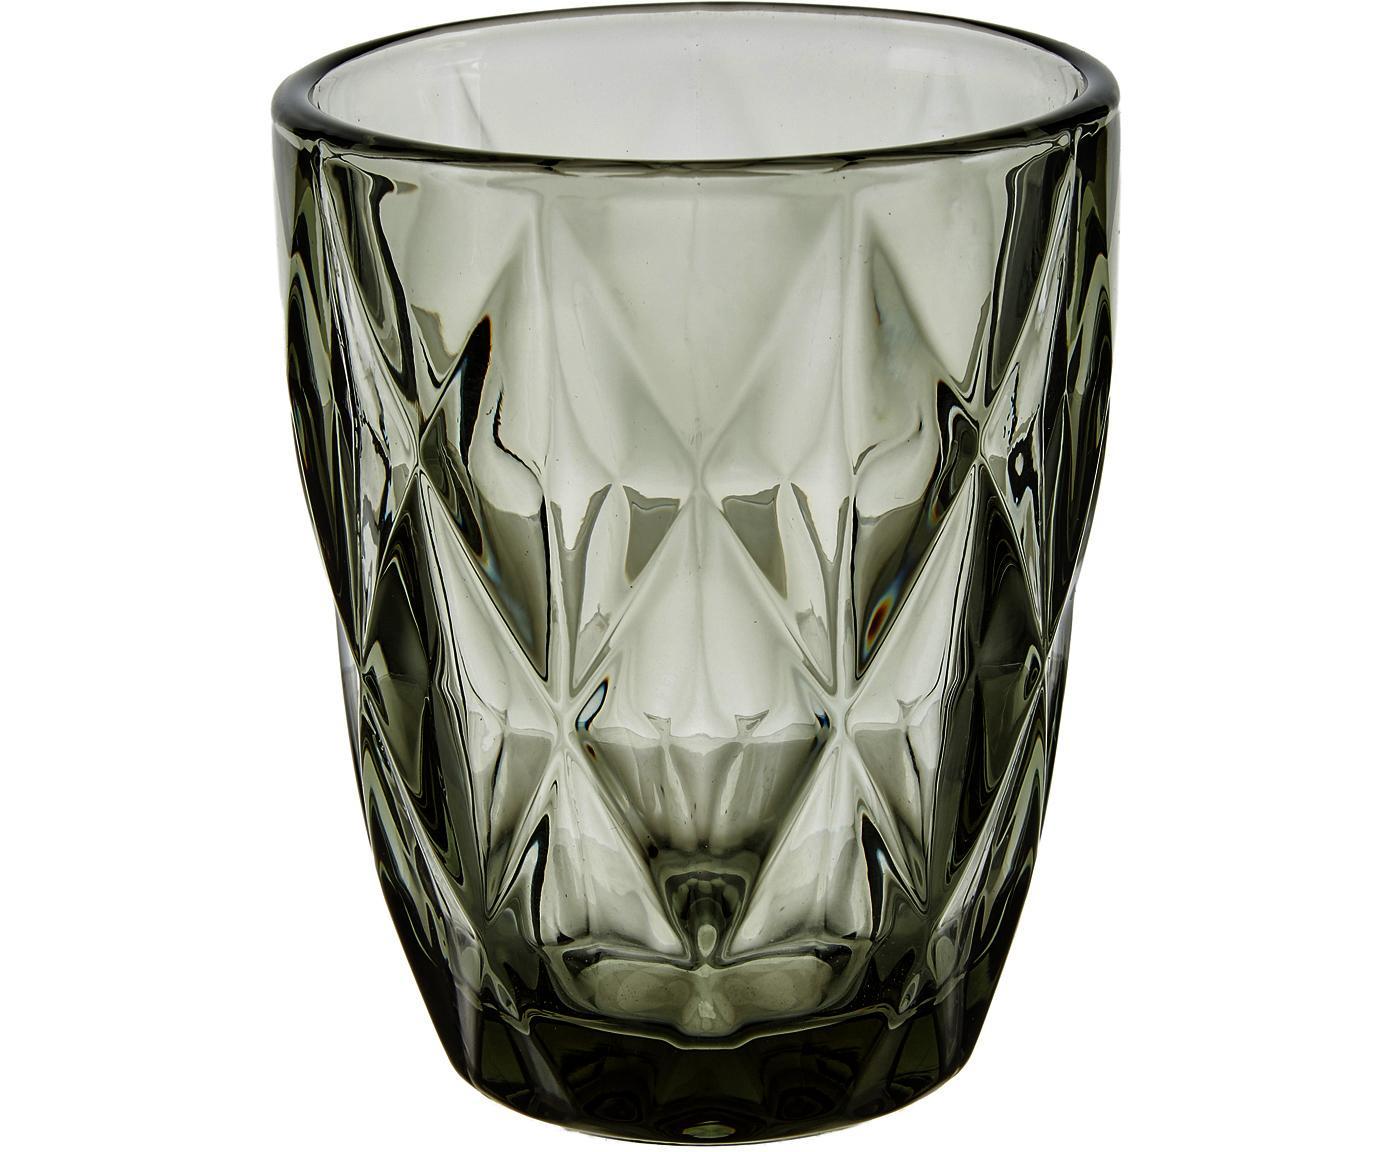 Waterglazen Colorado met structuurpatroon, 4 stuks, Glas, Grijs, transparant, Ø 8 x H 10 cm